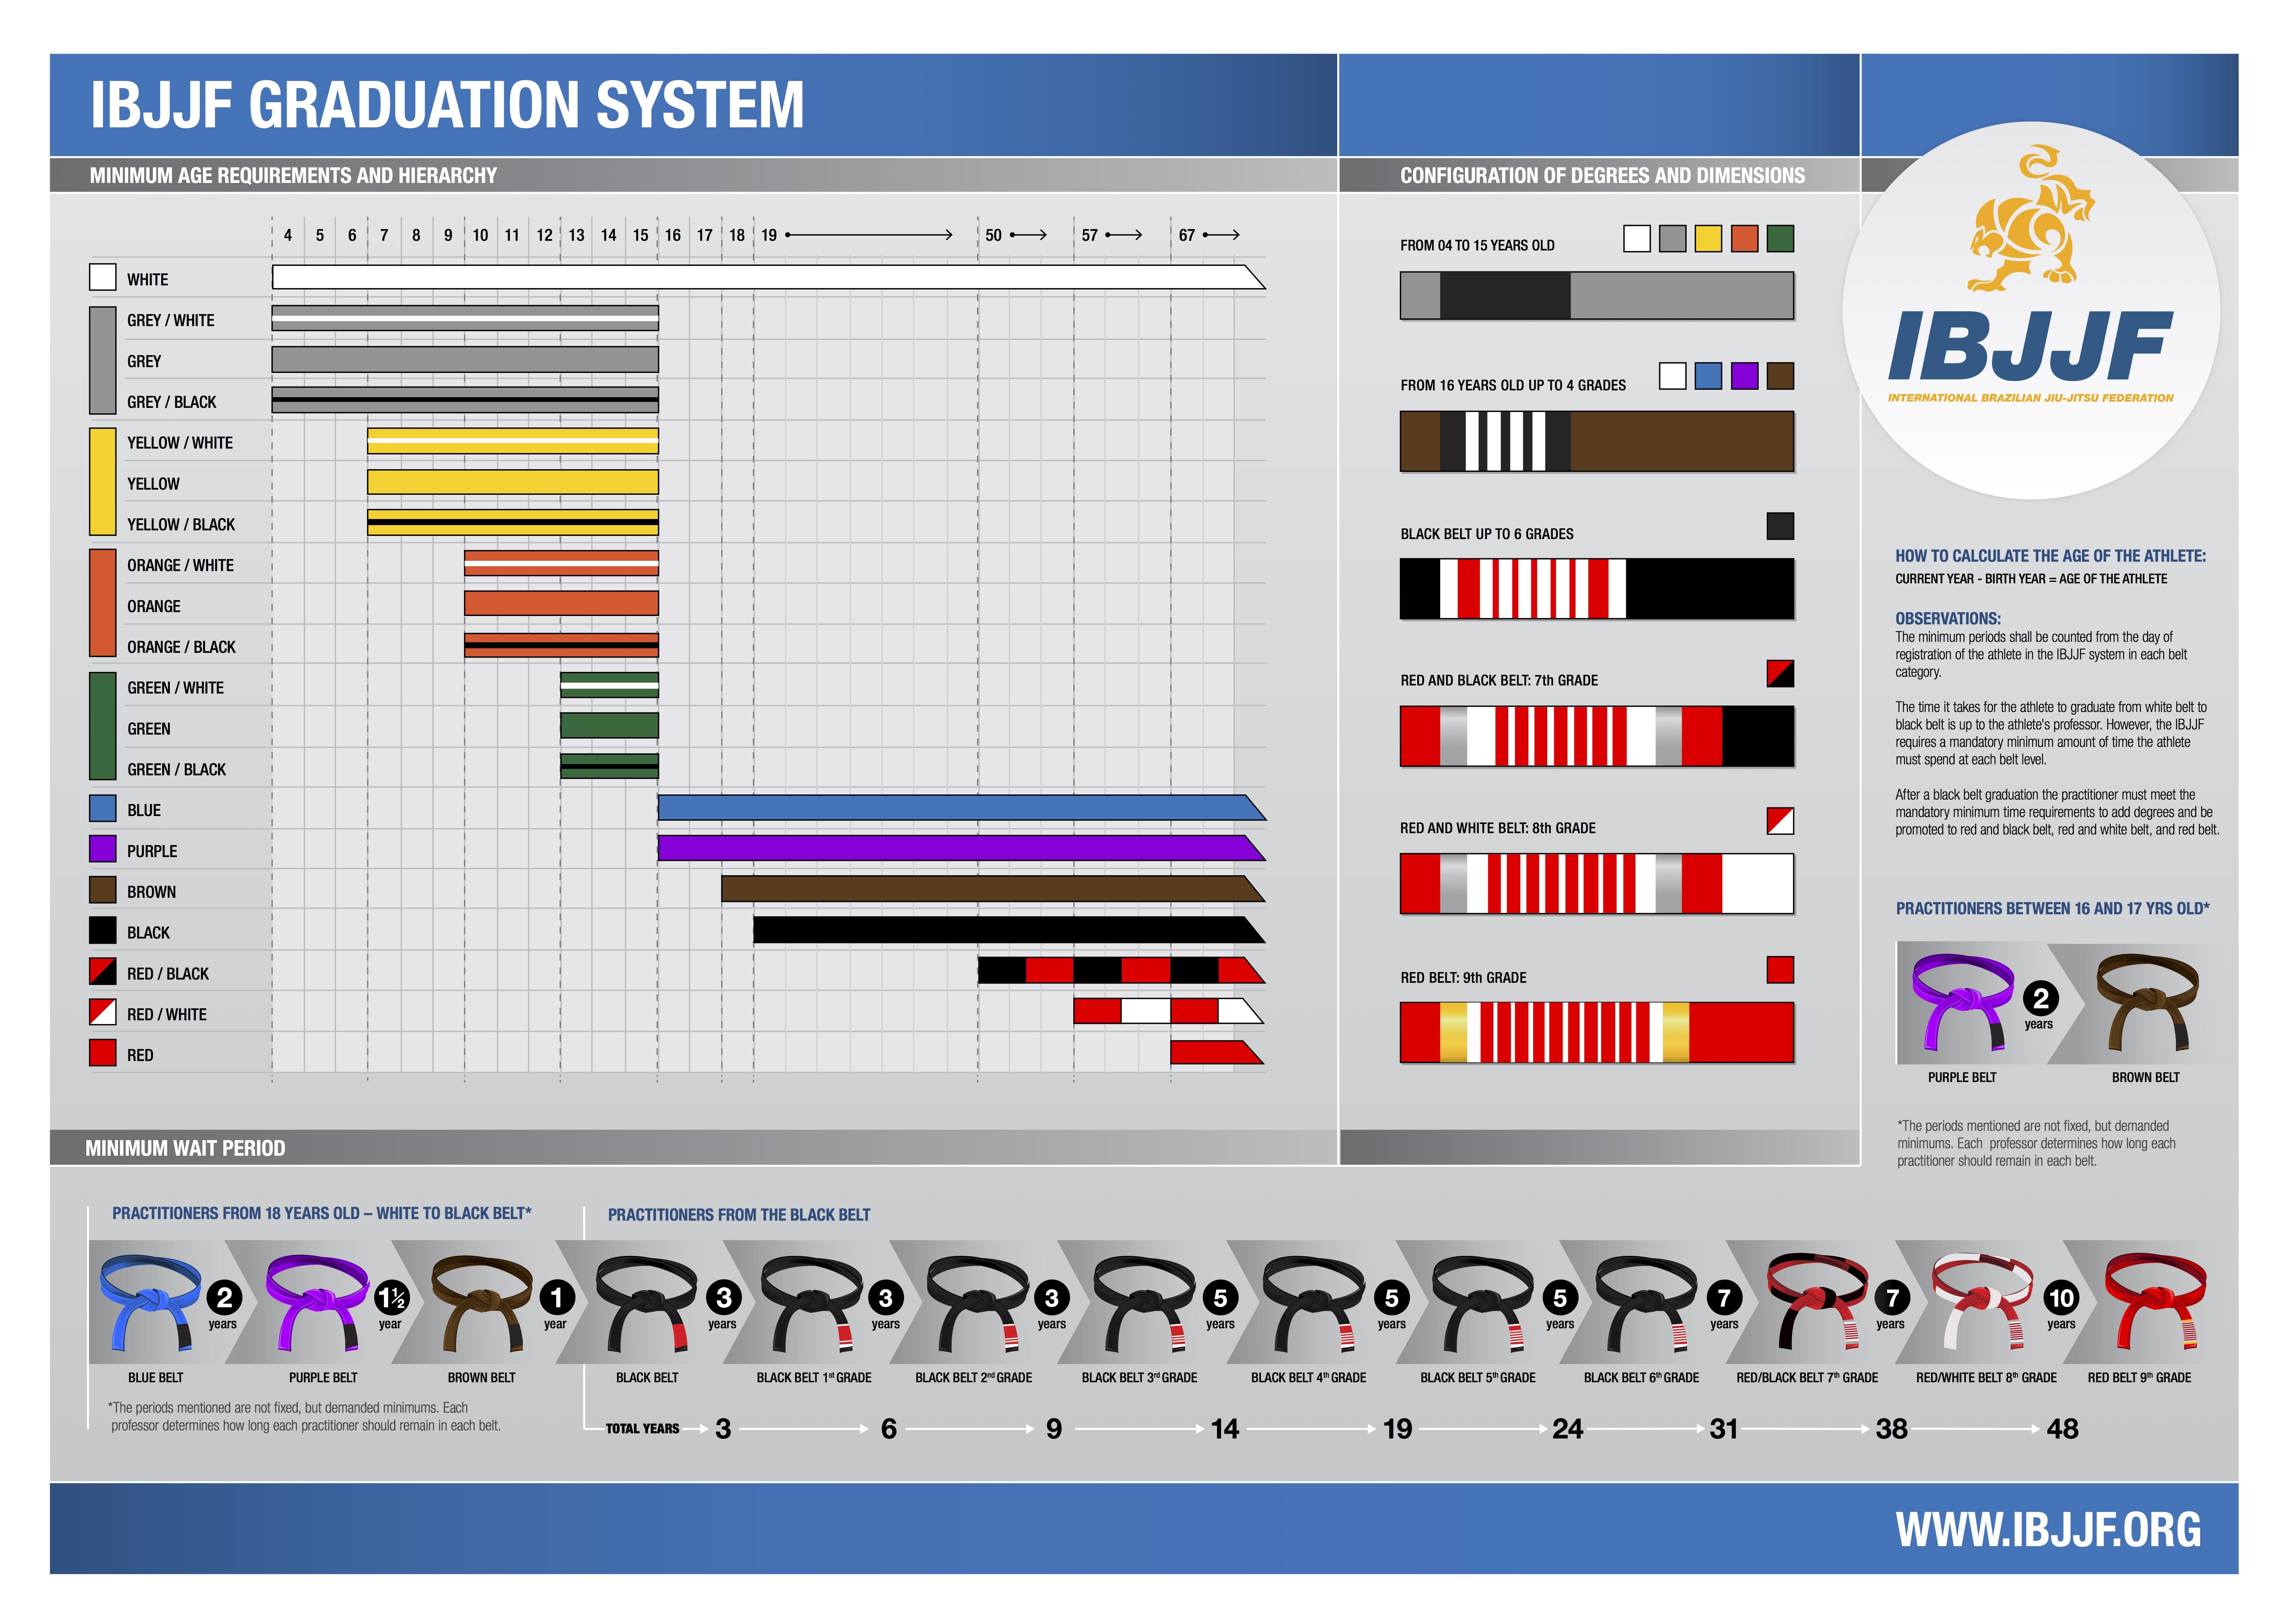 2016-IBJJF-Graduation-System-Poster